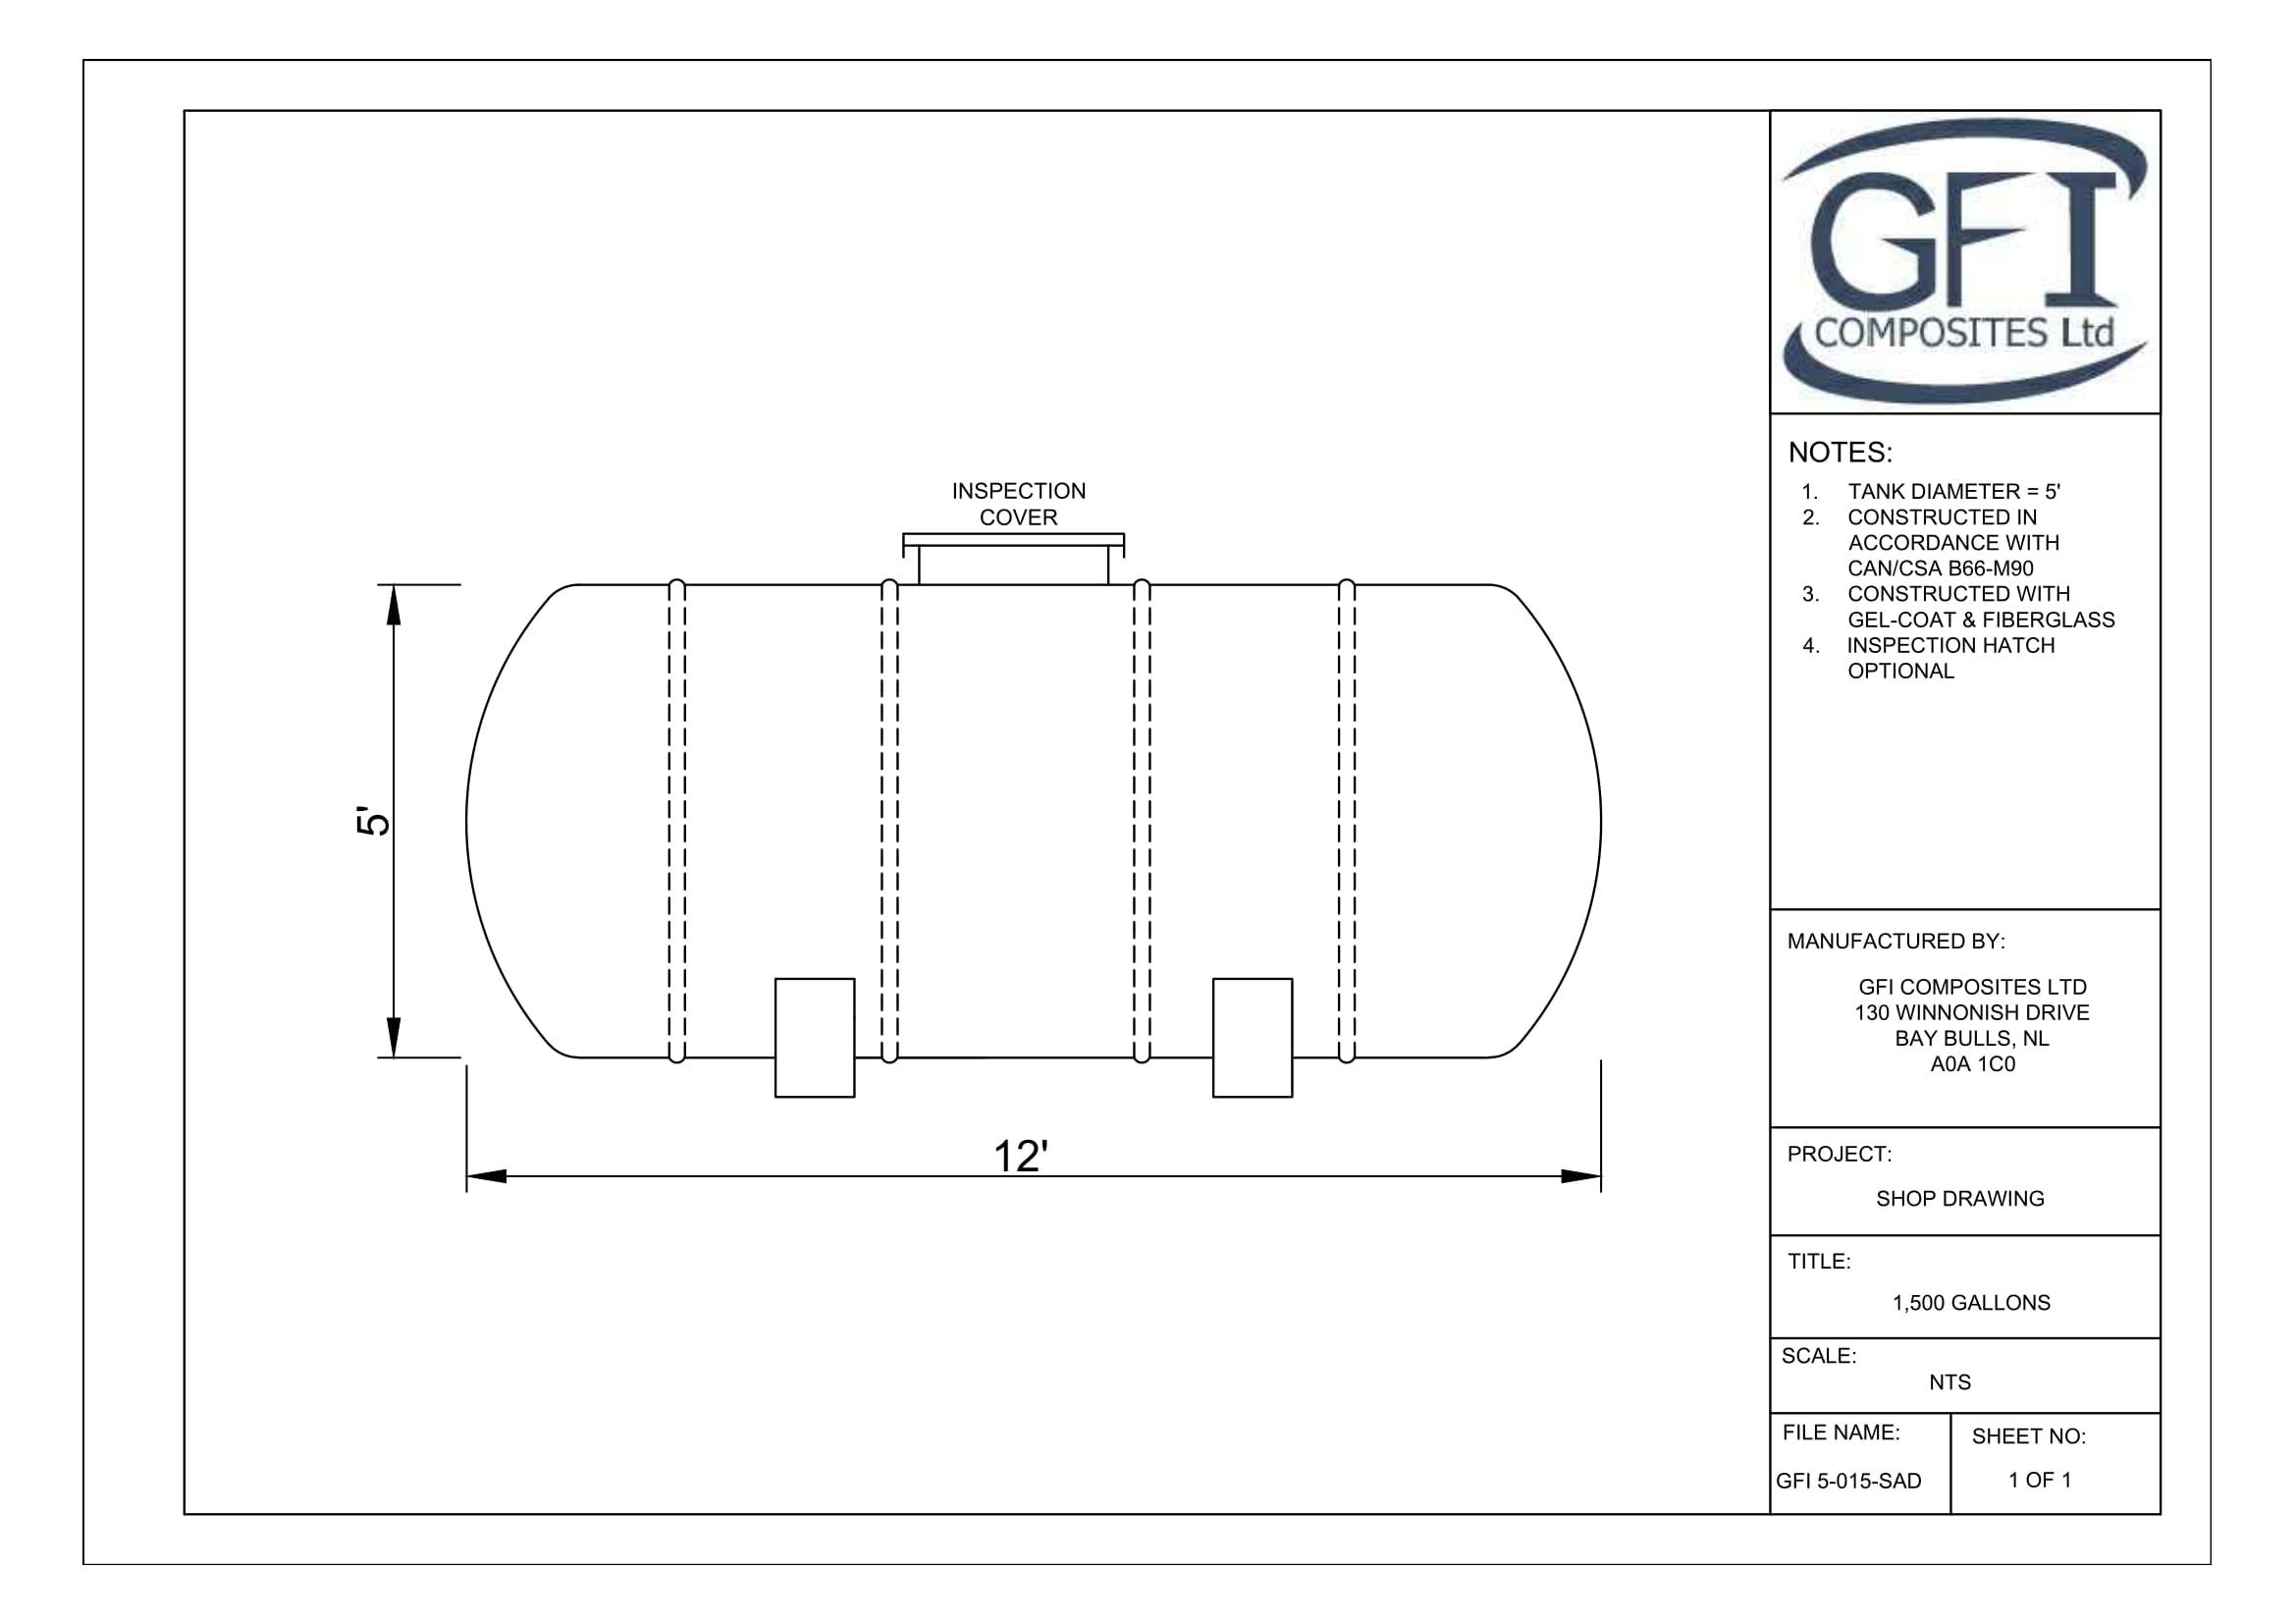 Shop Drawings - GFI Composites